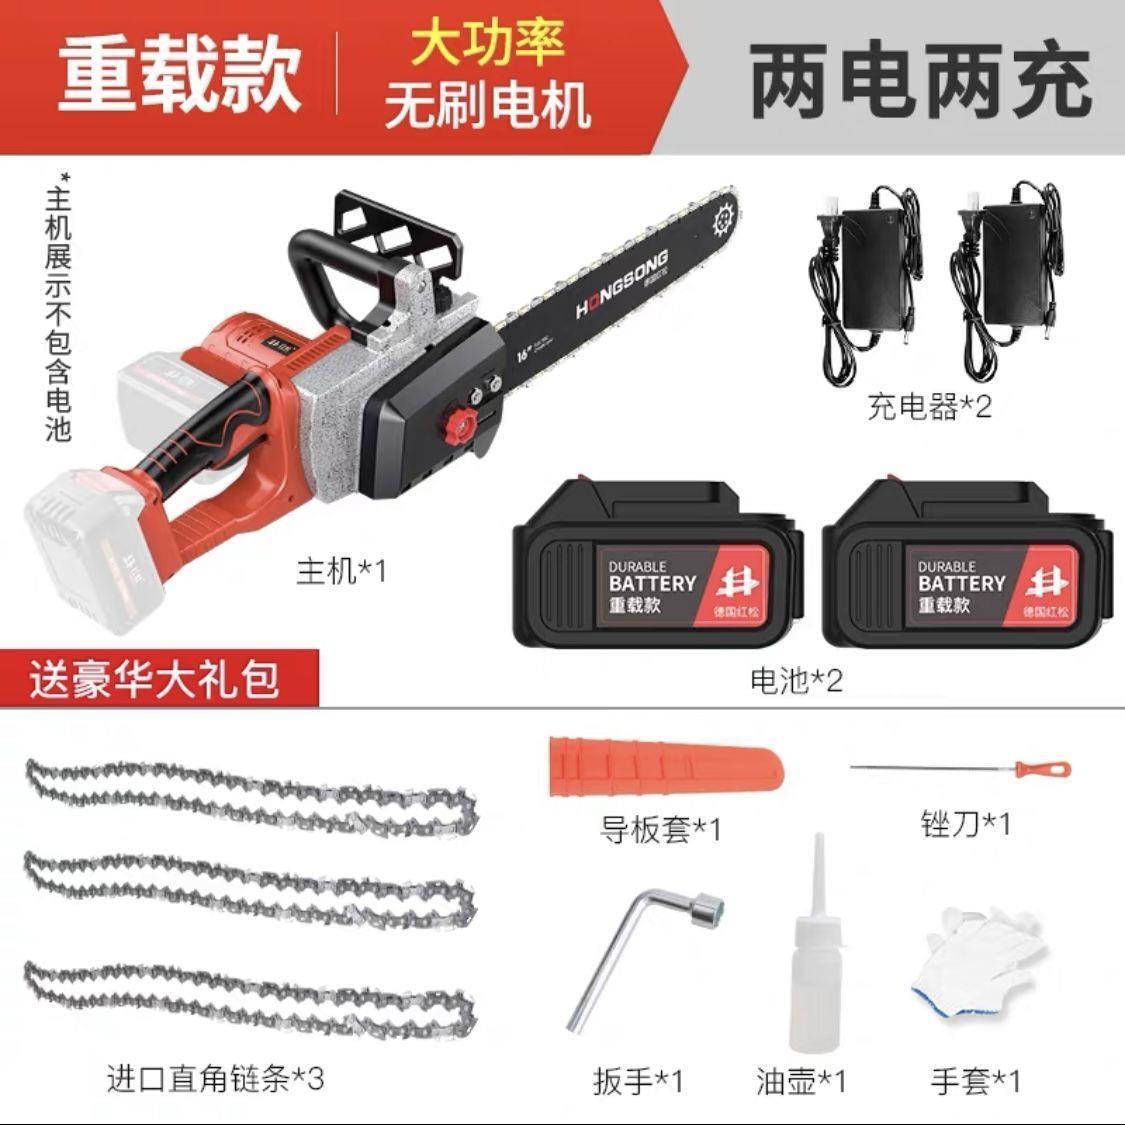 电锯充电手提式锂电锯子锯树电锯家用砍树电锯伐木锯锂电池电锯人